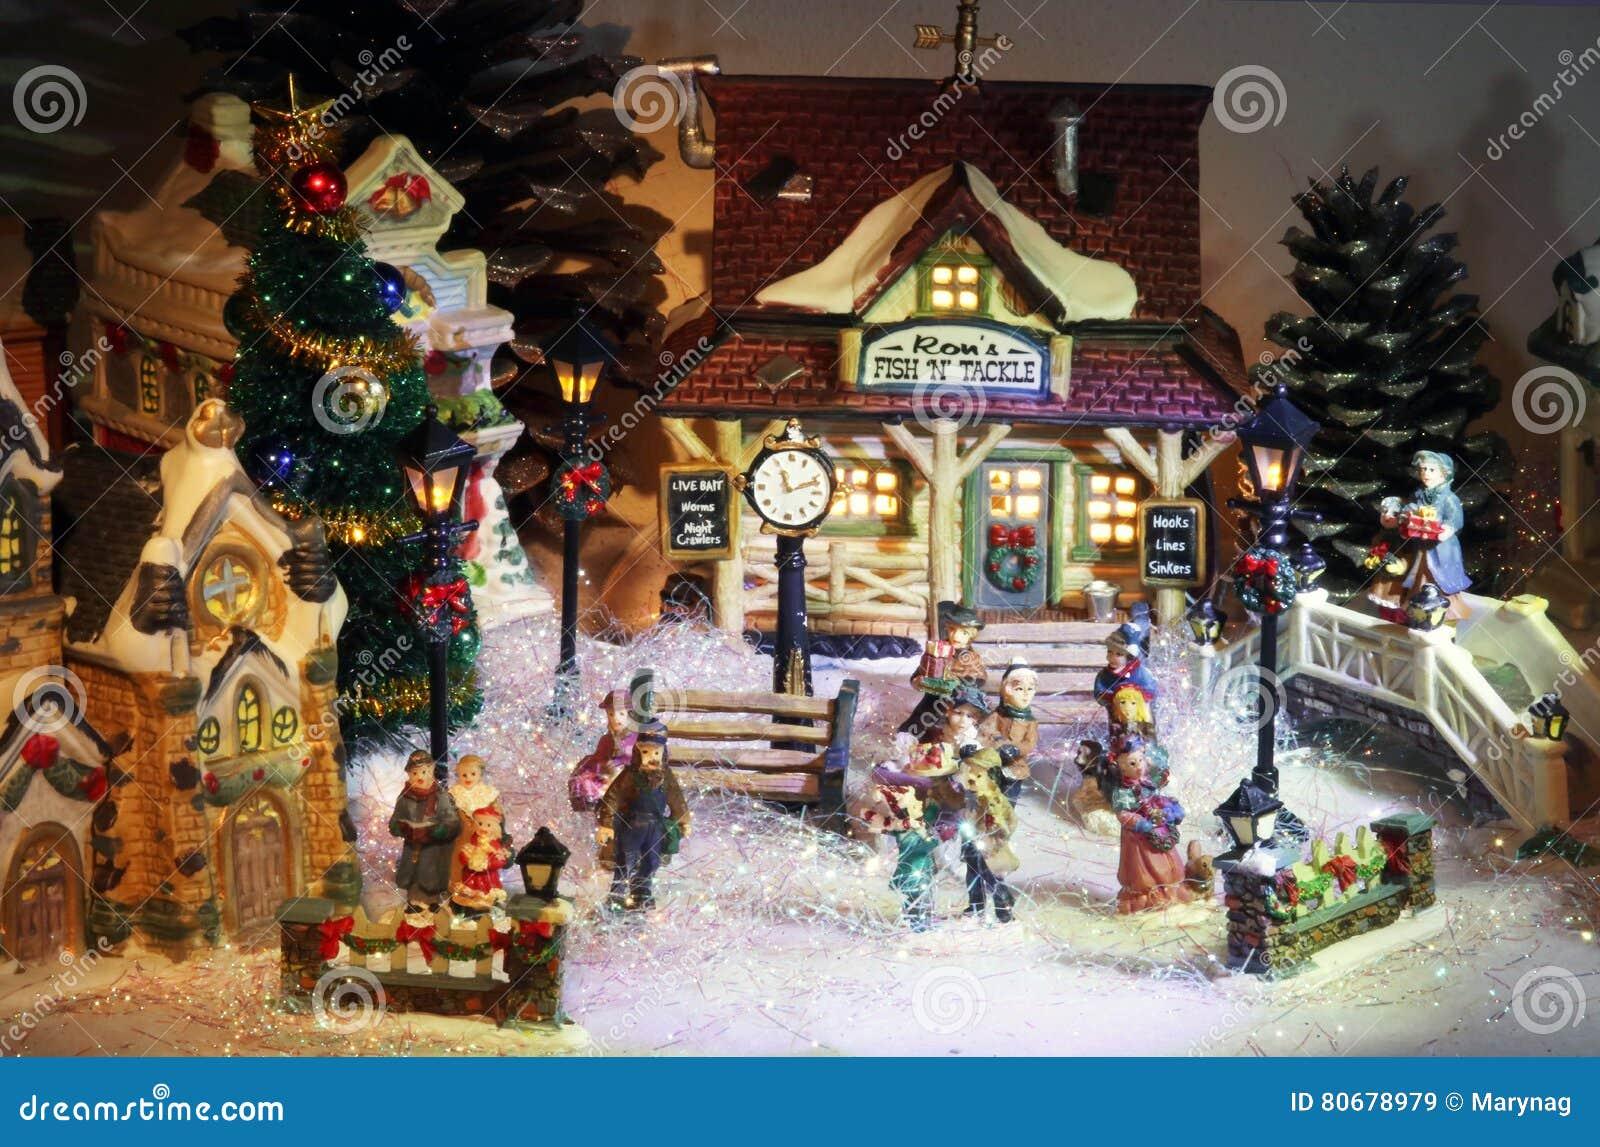 Immagini Natalizie Libere.Fondo Miniatura Del Villaggio Di Natale Immagine Stock Immagine Di Natale Paesaggio 80678979